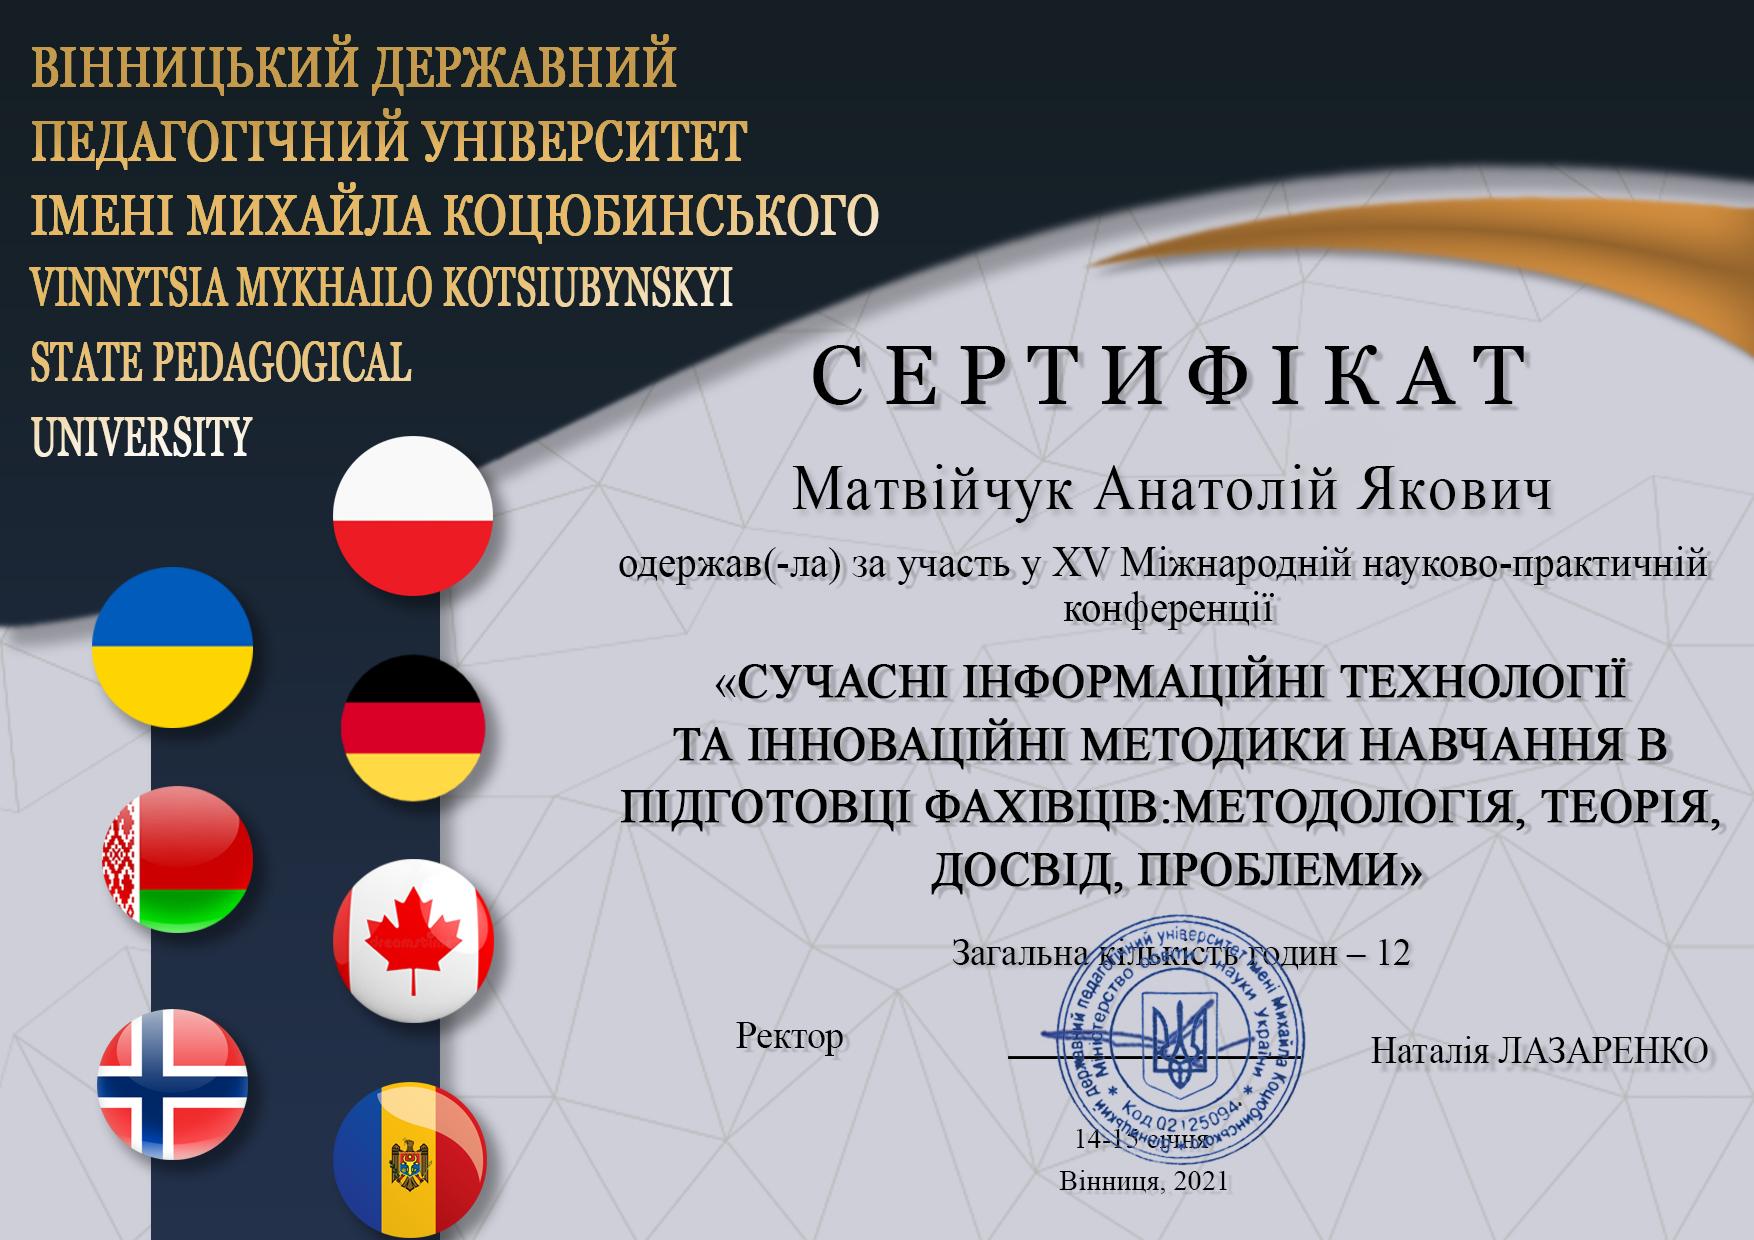 Матвійчук Анатолій Якович